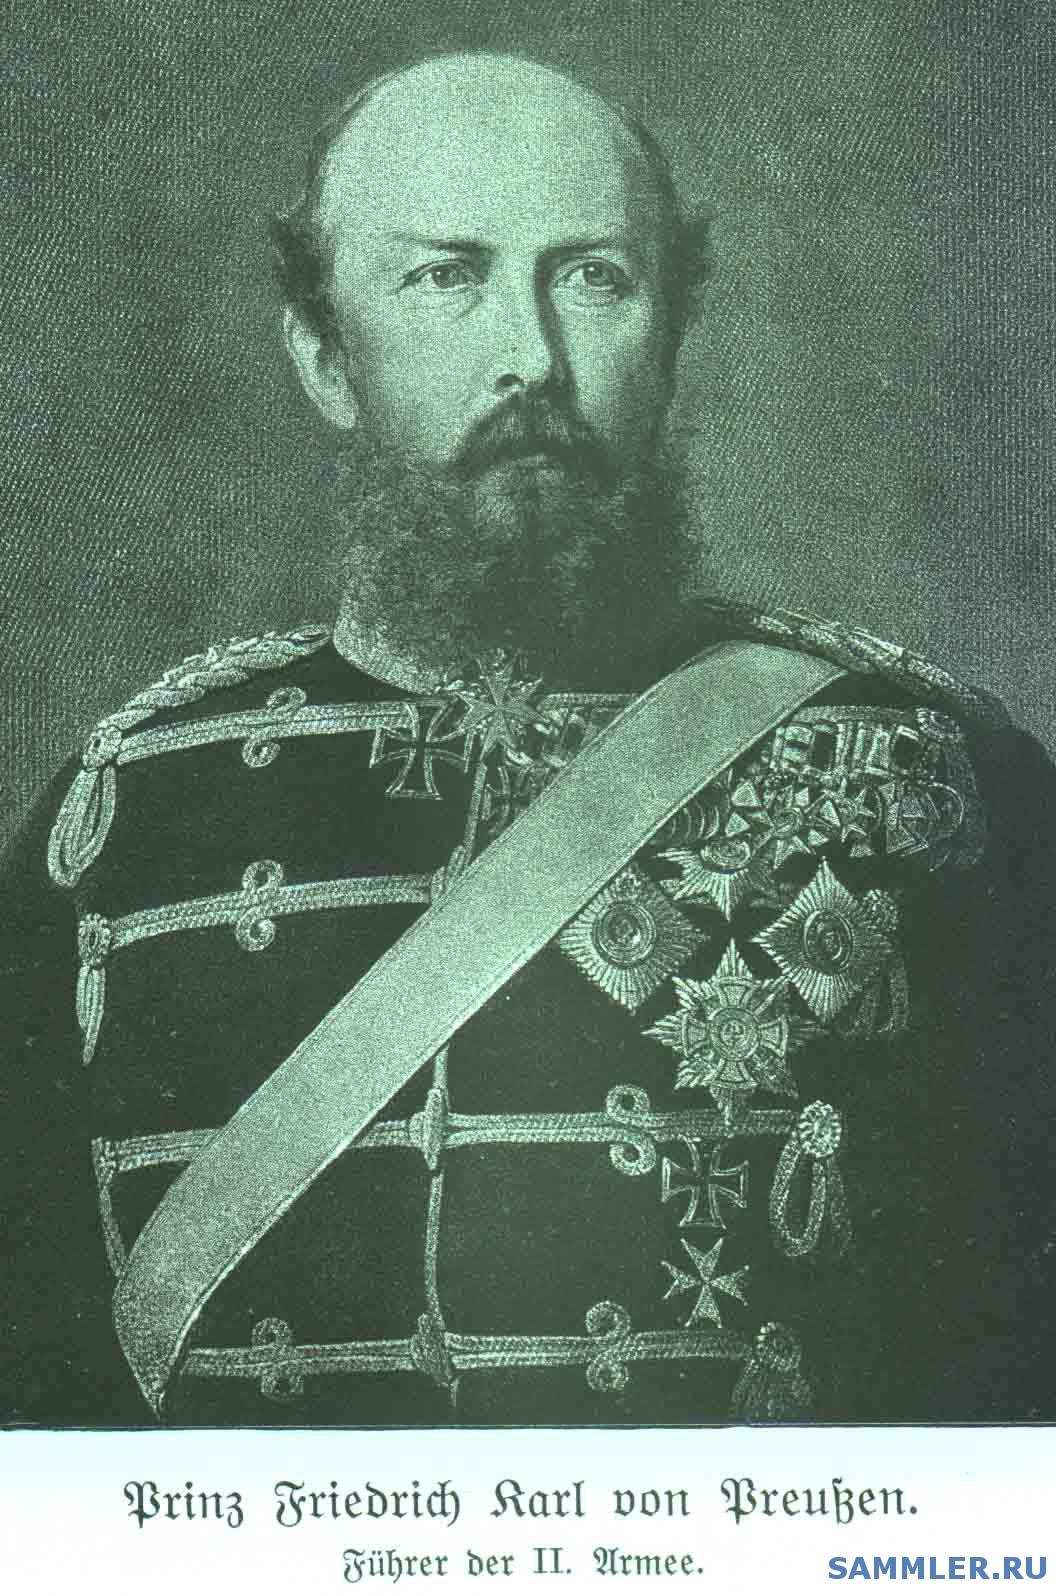 3._Generalfeldmarschall_Friedrich_Karl_Nikolaus_von_Preuen.jpg